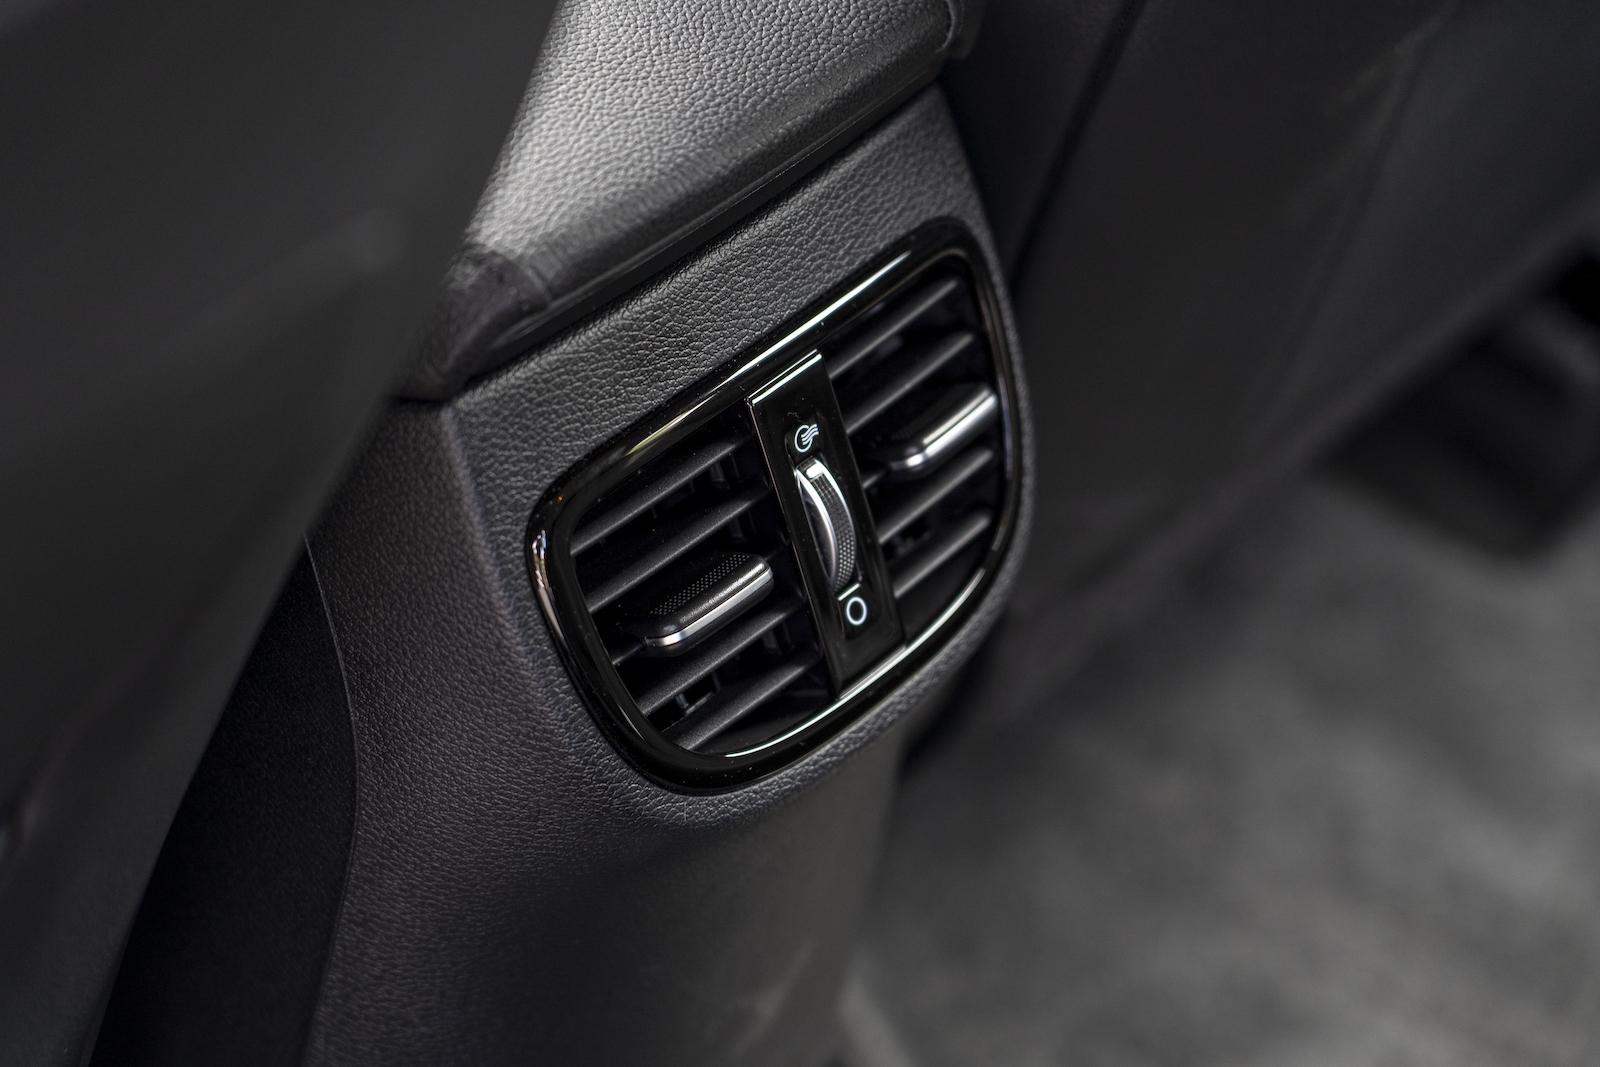 後座出風口的設計在旅行車上得以達到冷房更加快速的效果。